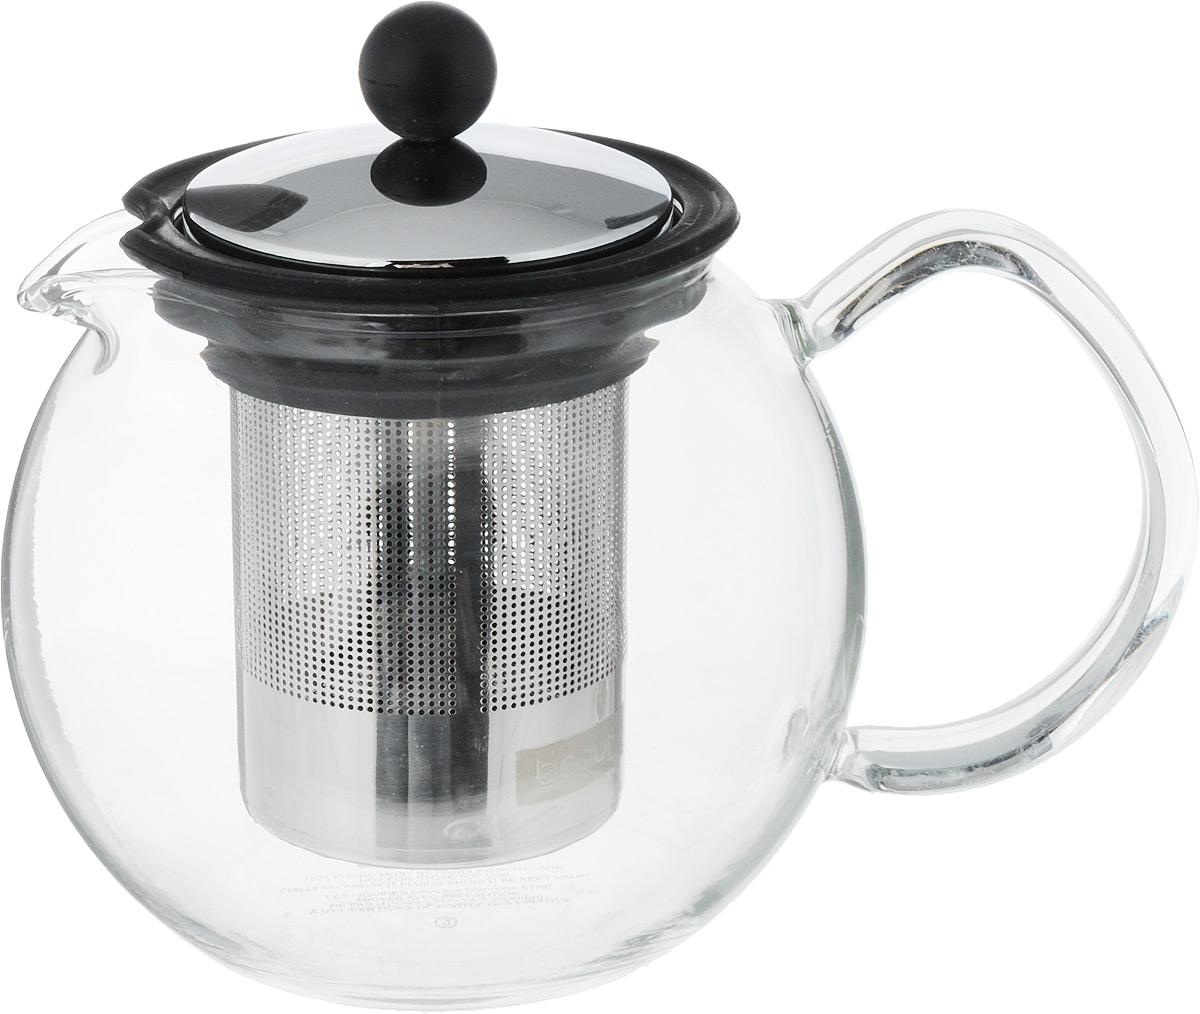 Емкость и ручки чайника сделаны из термостойкого боросиликатного стекла. Чайник имеет стальной фильтр с прессом и оснащен удобной  ручкой. Он  прекрасно подойдет для заваривания чая и травяных напитков.  Такой заварочный чайник  займет достойное место на вашей кухне. Высота чайника (без учета крышки): 11,5 см. Высота чайника (с учетом крышки): 13 см.  Диаметр основания: 6,5 см.